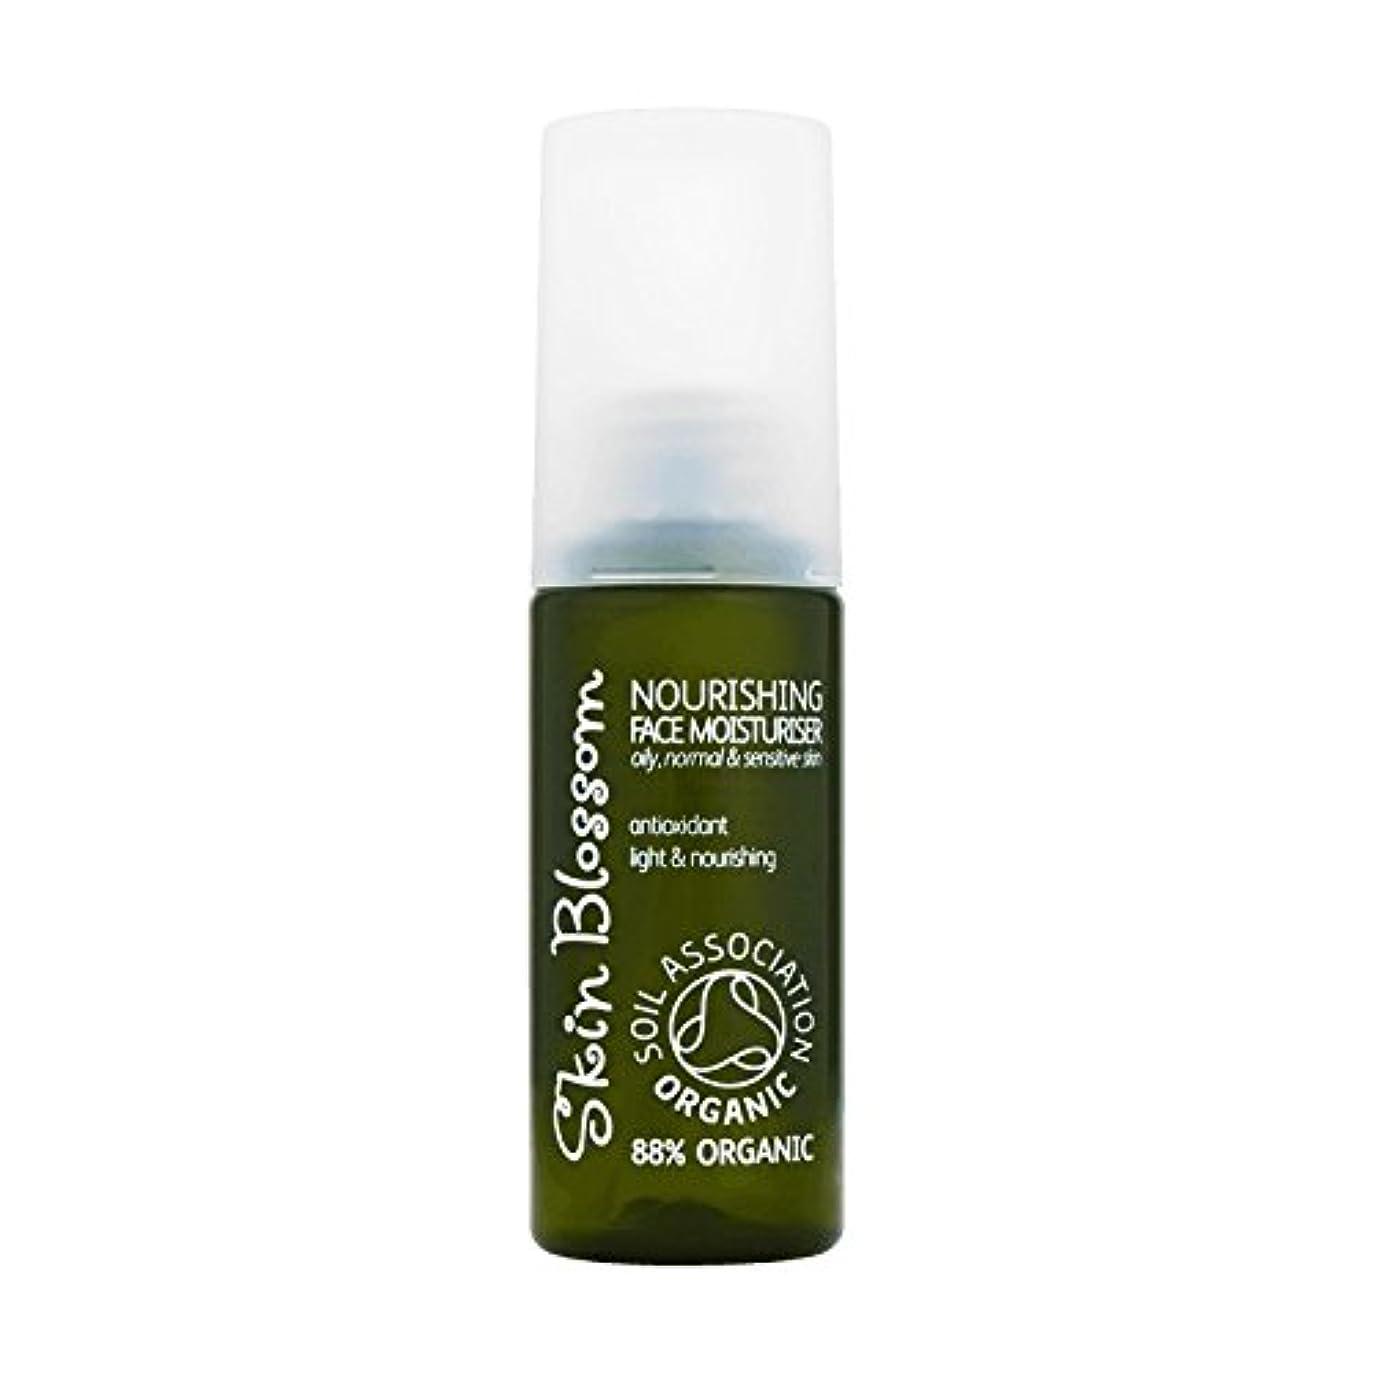 パシフィック狂った公平なSkin Blossom Nourishing Face Moisturiser 50ml (Pack of 2) - 皮膚の花栄養顔の保湿クリーム50Ml (x2) [並行輸入品]